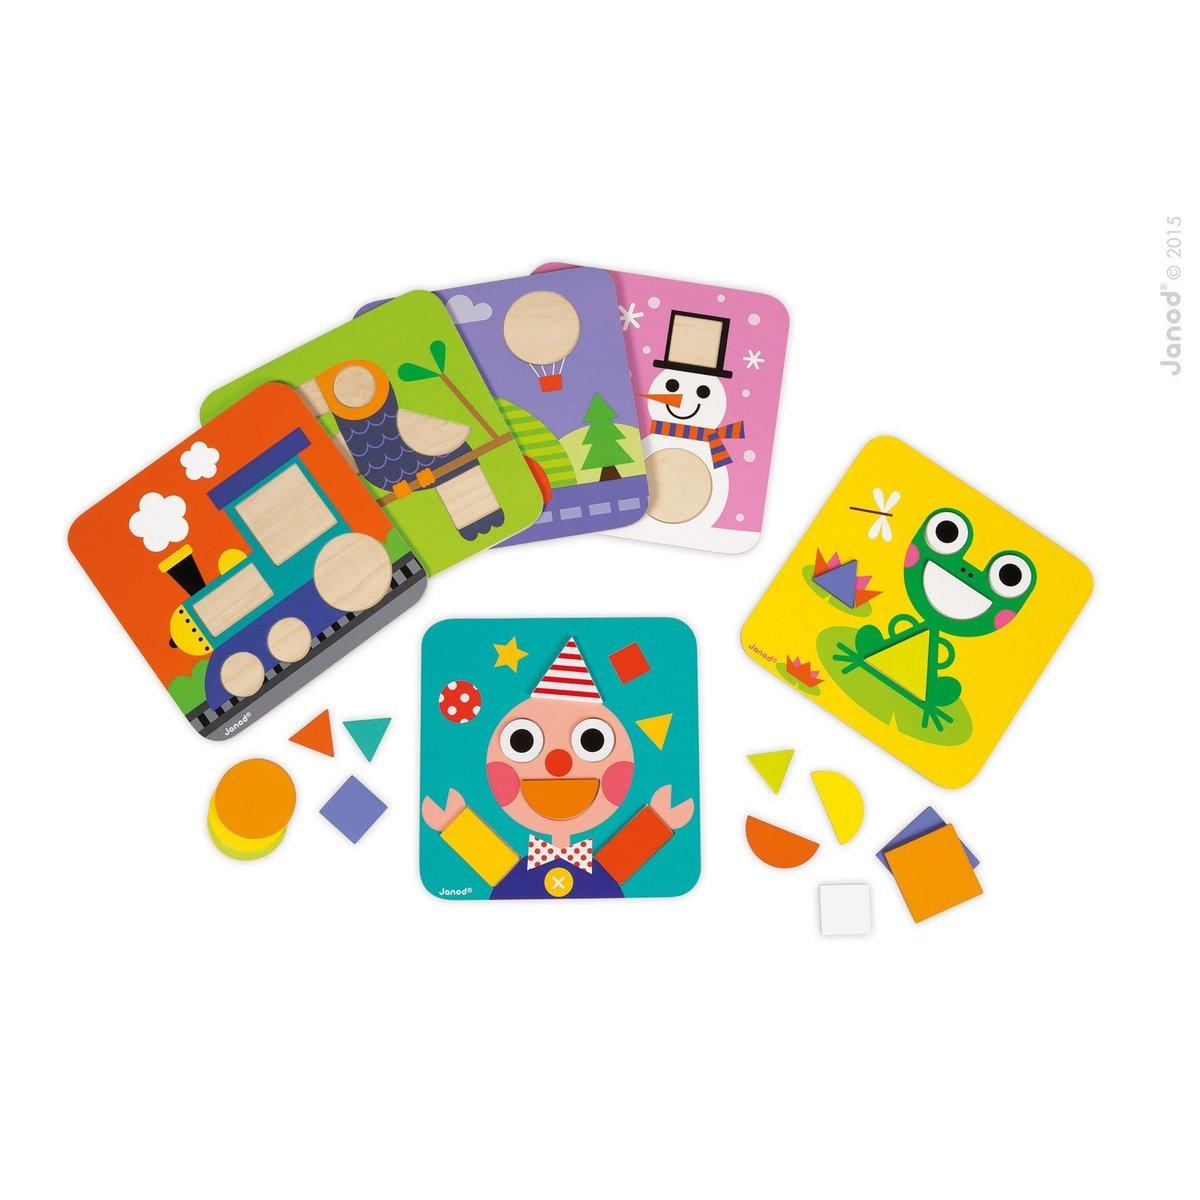 形狀配對拼圖板 - 認知學習 - 幼稚園面試玩具